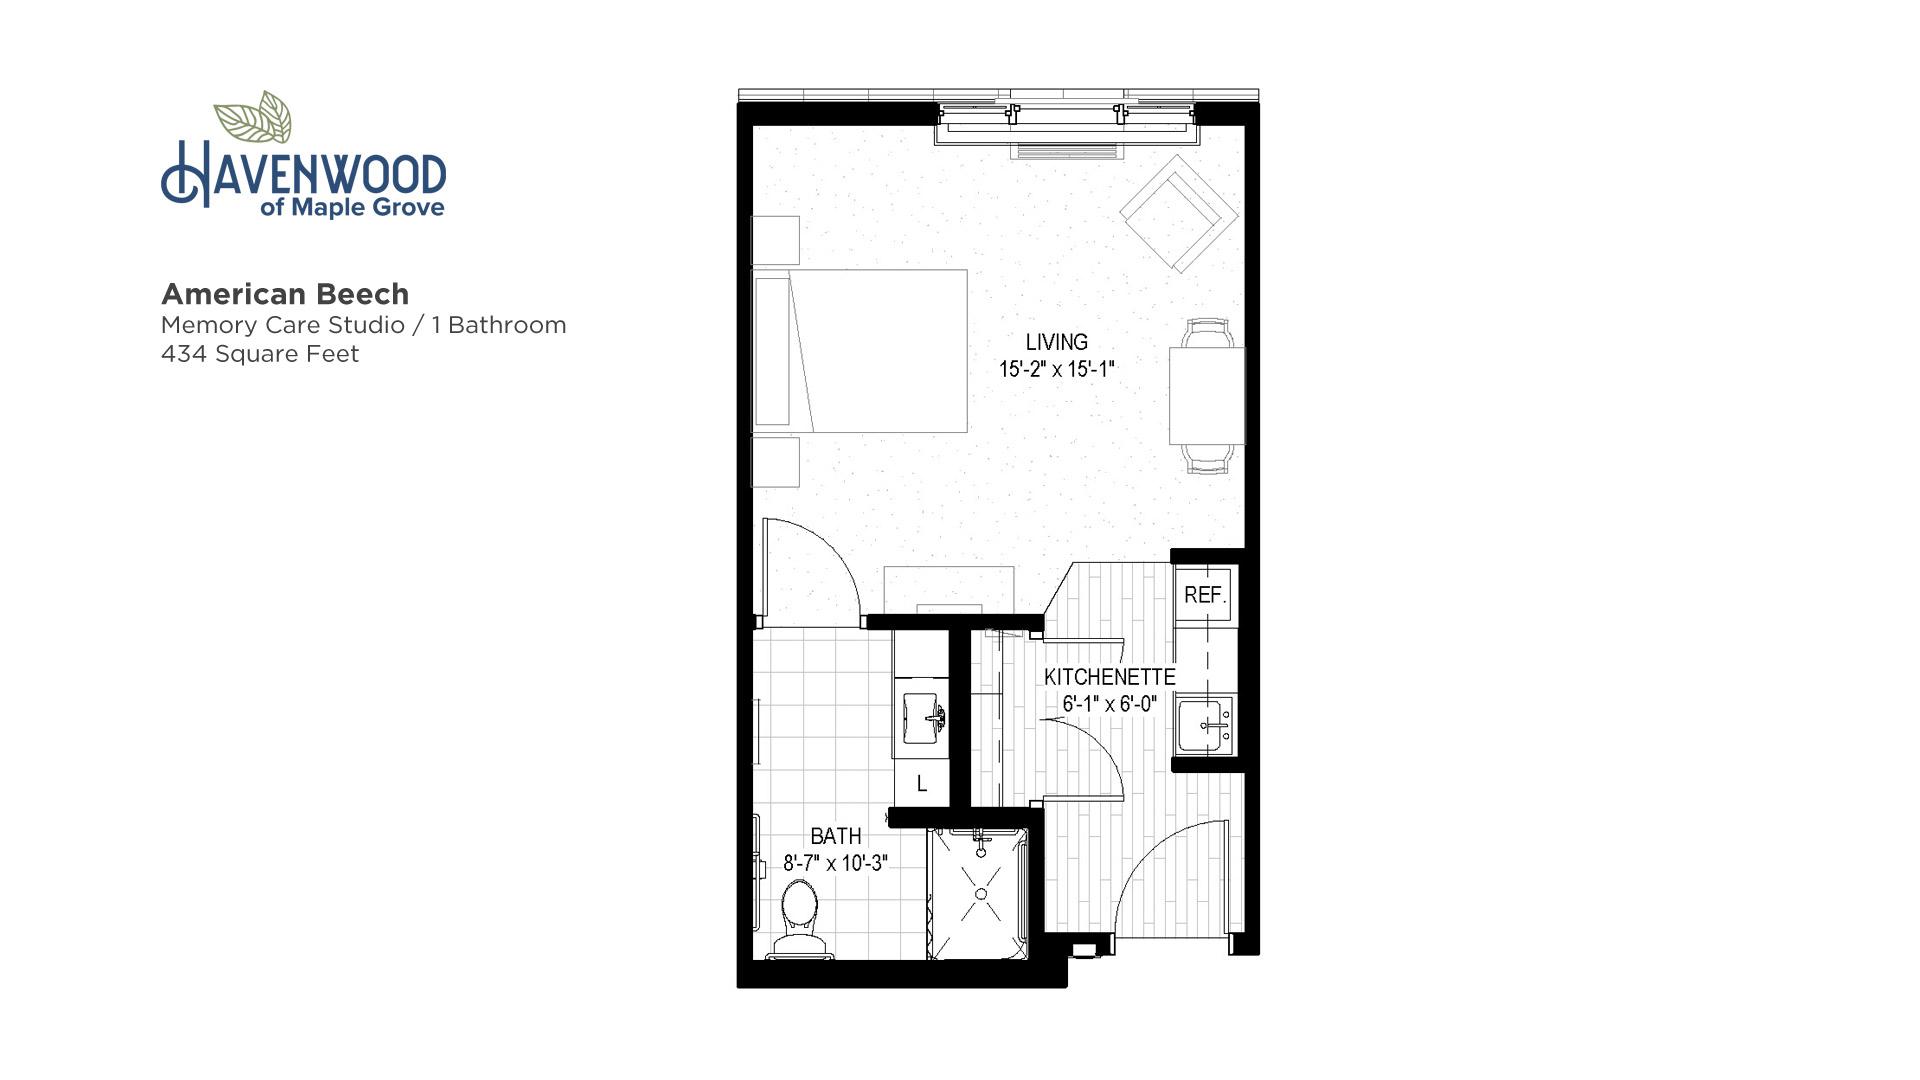 Havenwood of Maple Grove American Beech Floor Plan